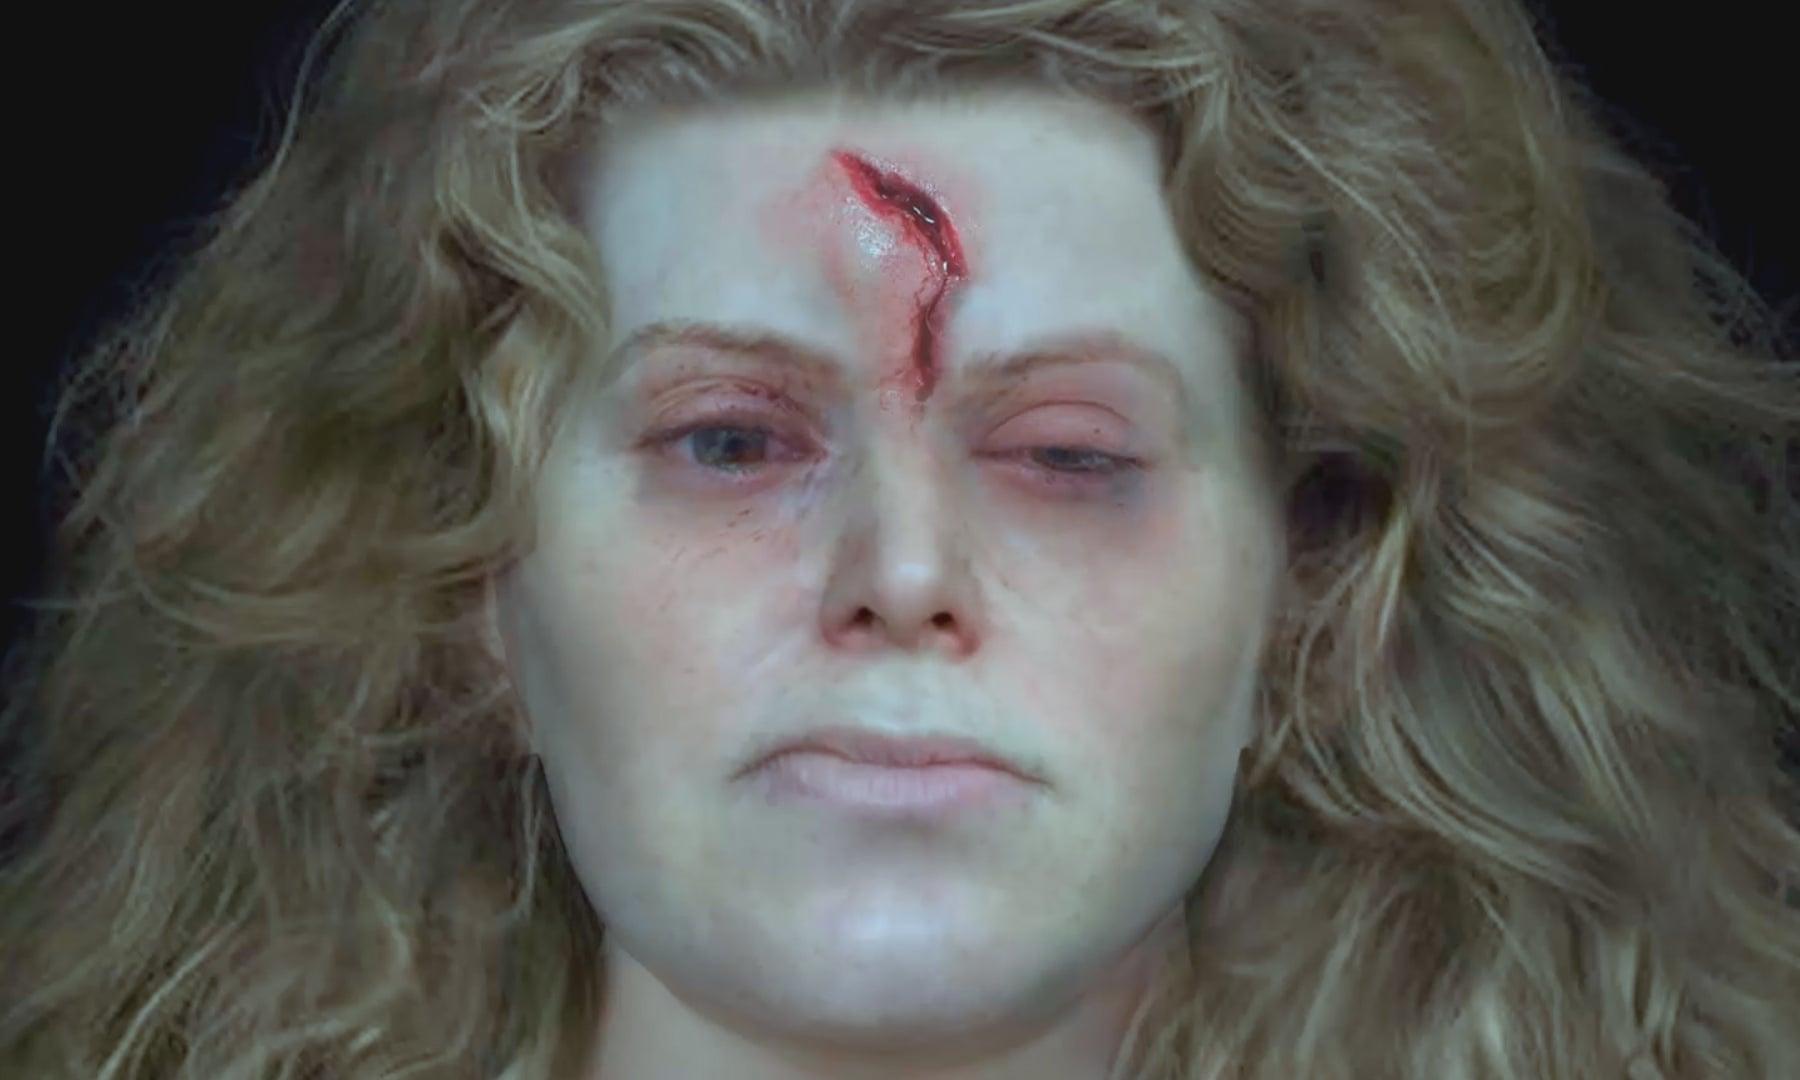 Royaume-Uni - Image de la reconstruction faciale d'après le crâne de la femme viking de Solør - Photo: National Geographic